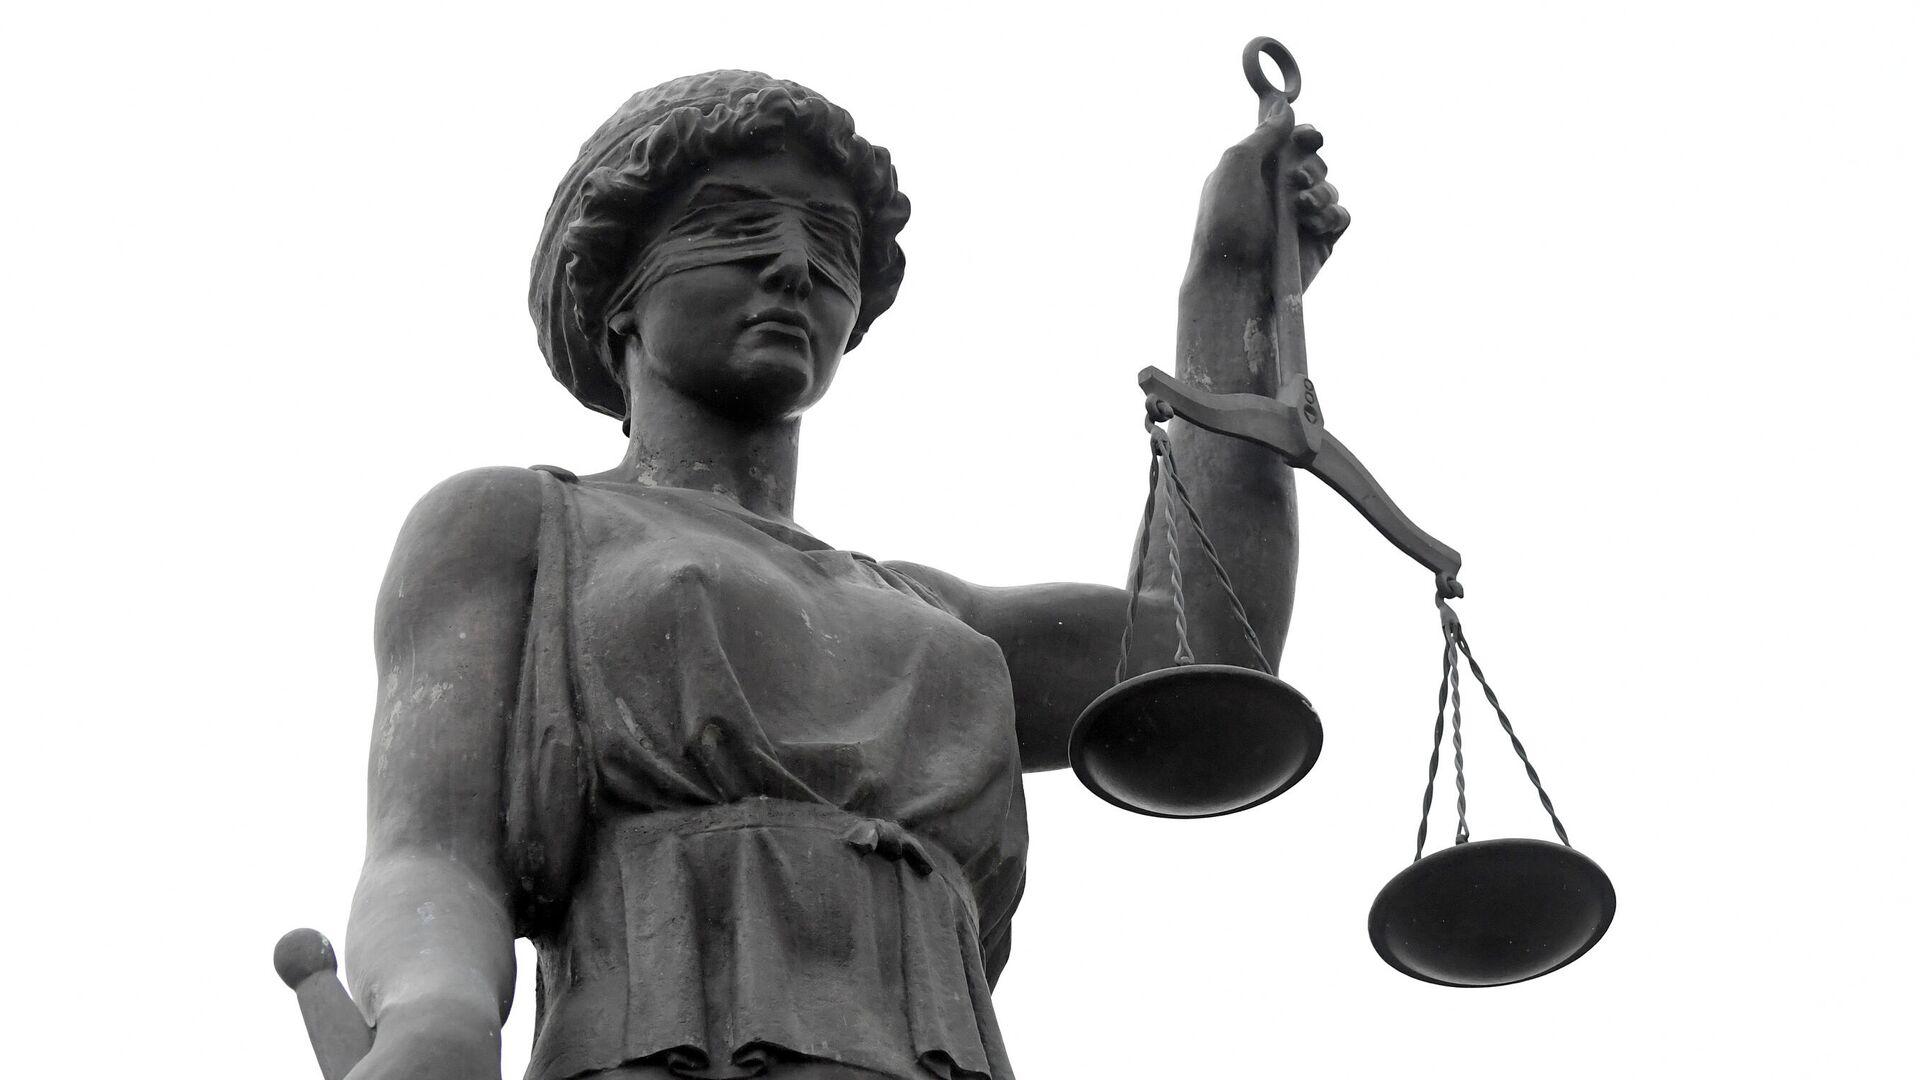 Москвич, зарезавший девушку из ревности, получил восемь лет колонии